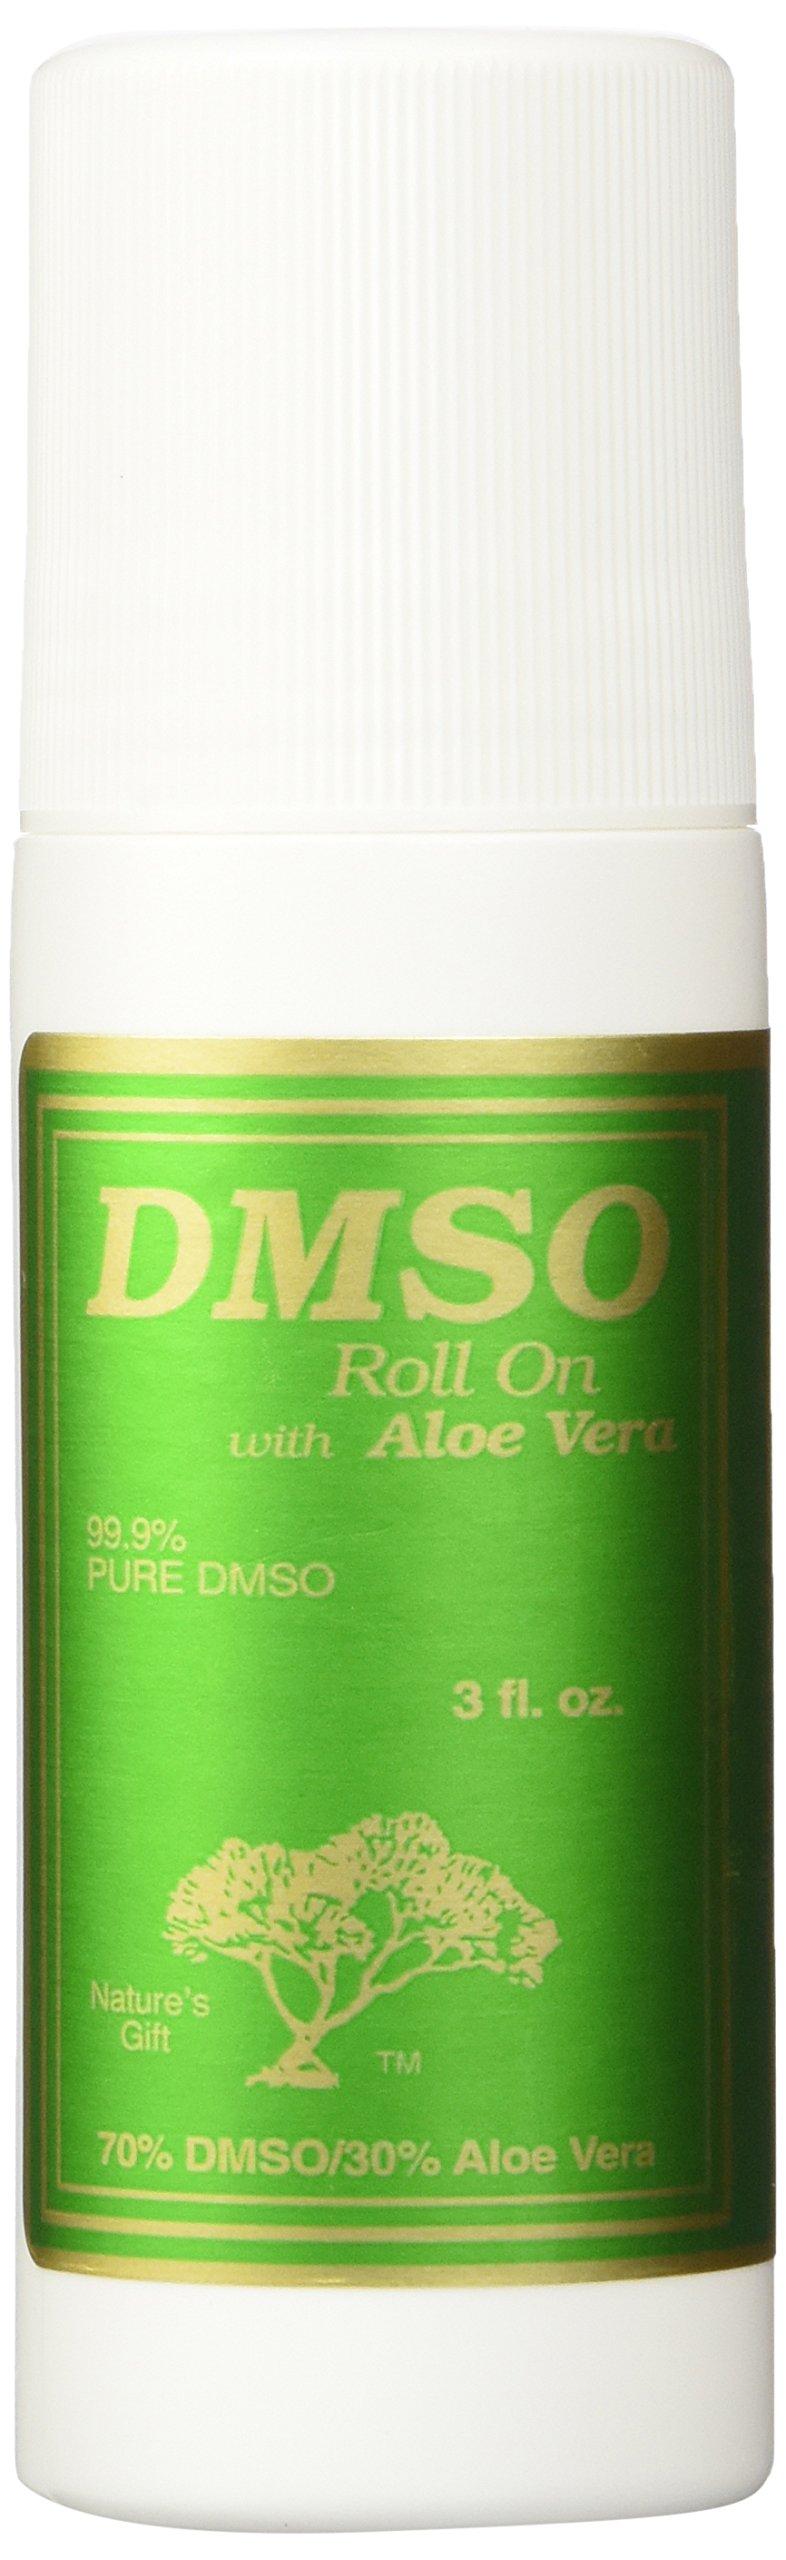 DMSO Roll On 70/30 Aloe Plast - 3 oz - Liquid